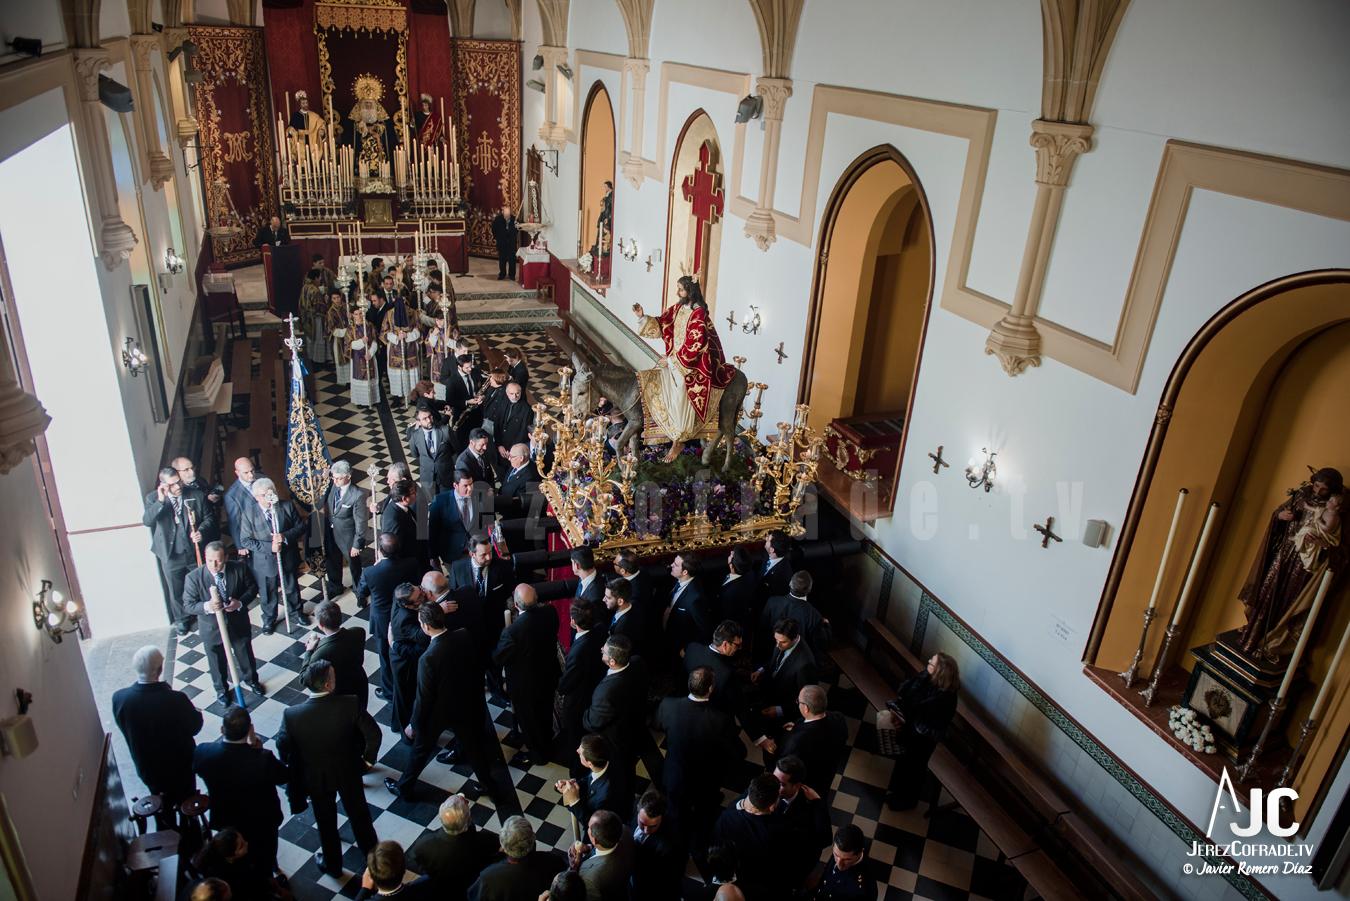 002- Via Crucis Union de Hermandades – Cristo Rey – Jerezcofrade